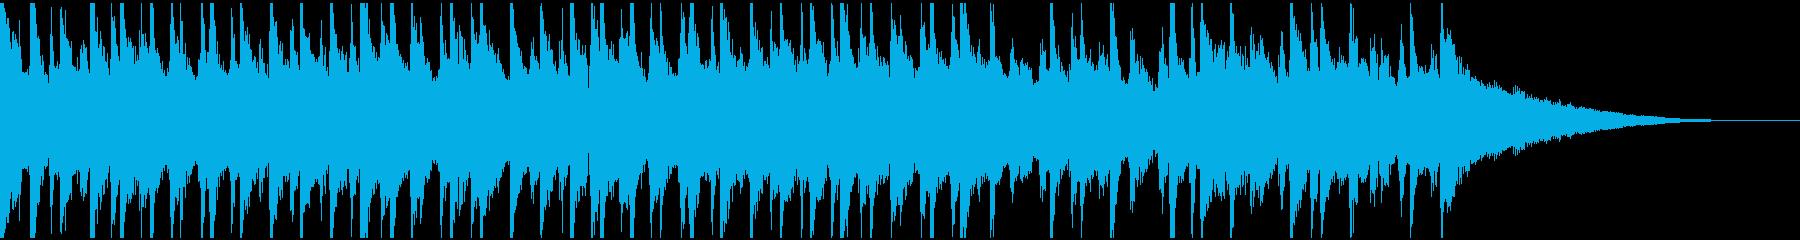 30秒ウクレレ、トイピアノの楽しい楽曲の再生済みの波形